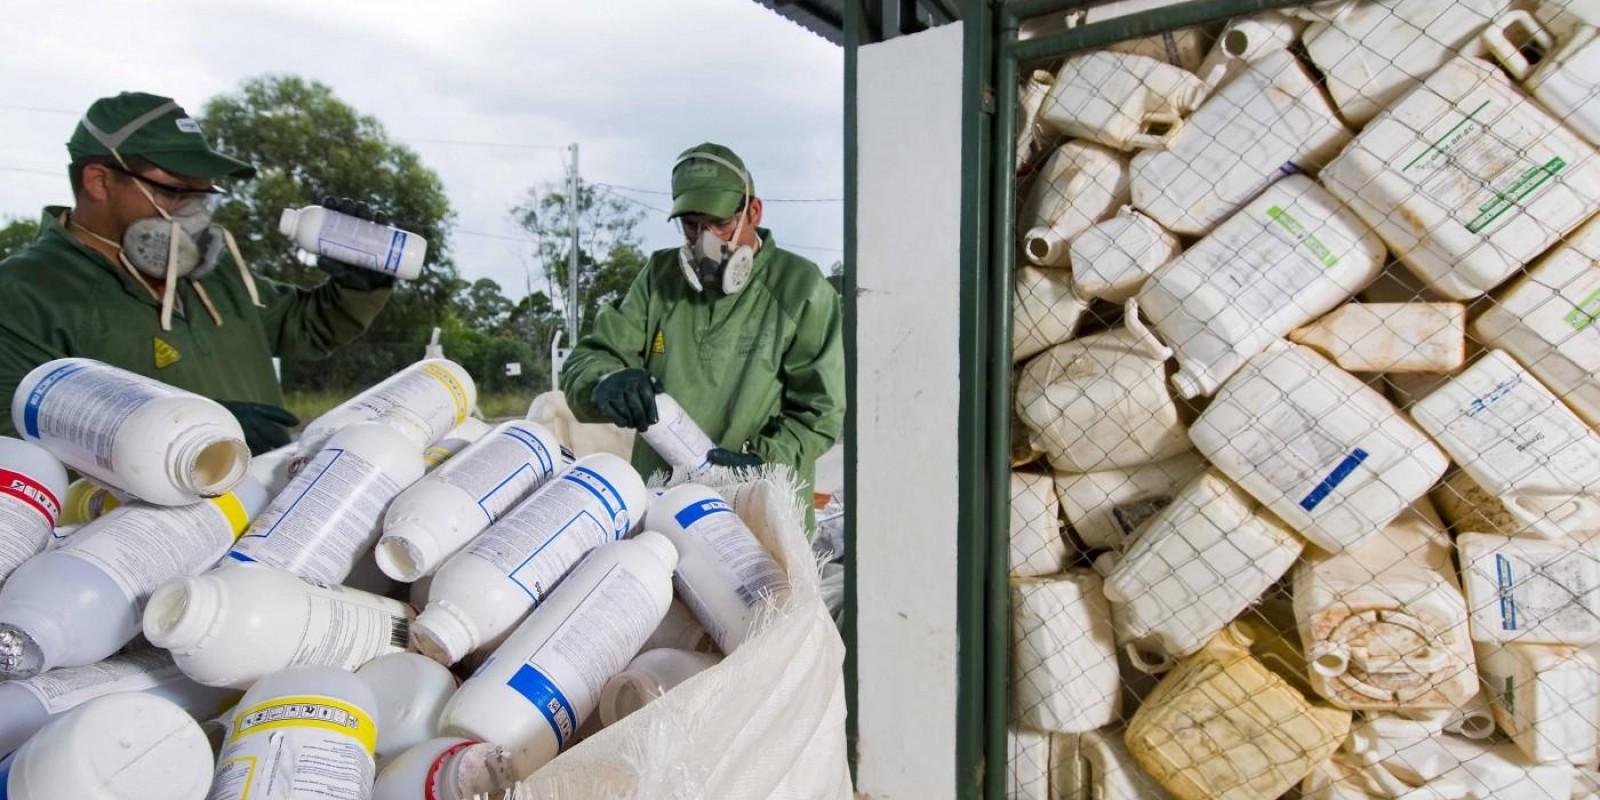 Brasil é referência na aplicação de economia circular em embalagens de defensivos agrícolas